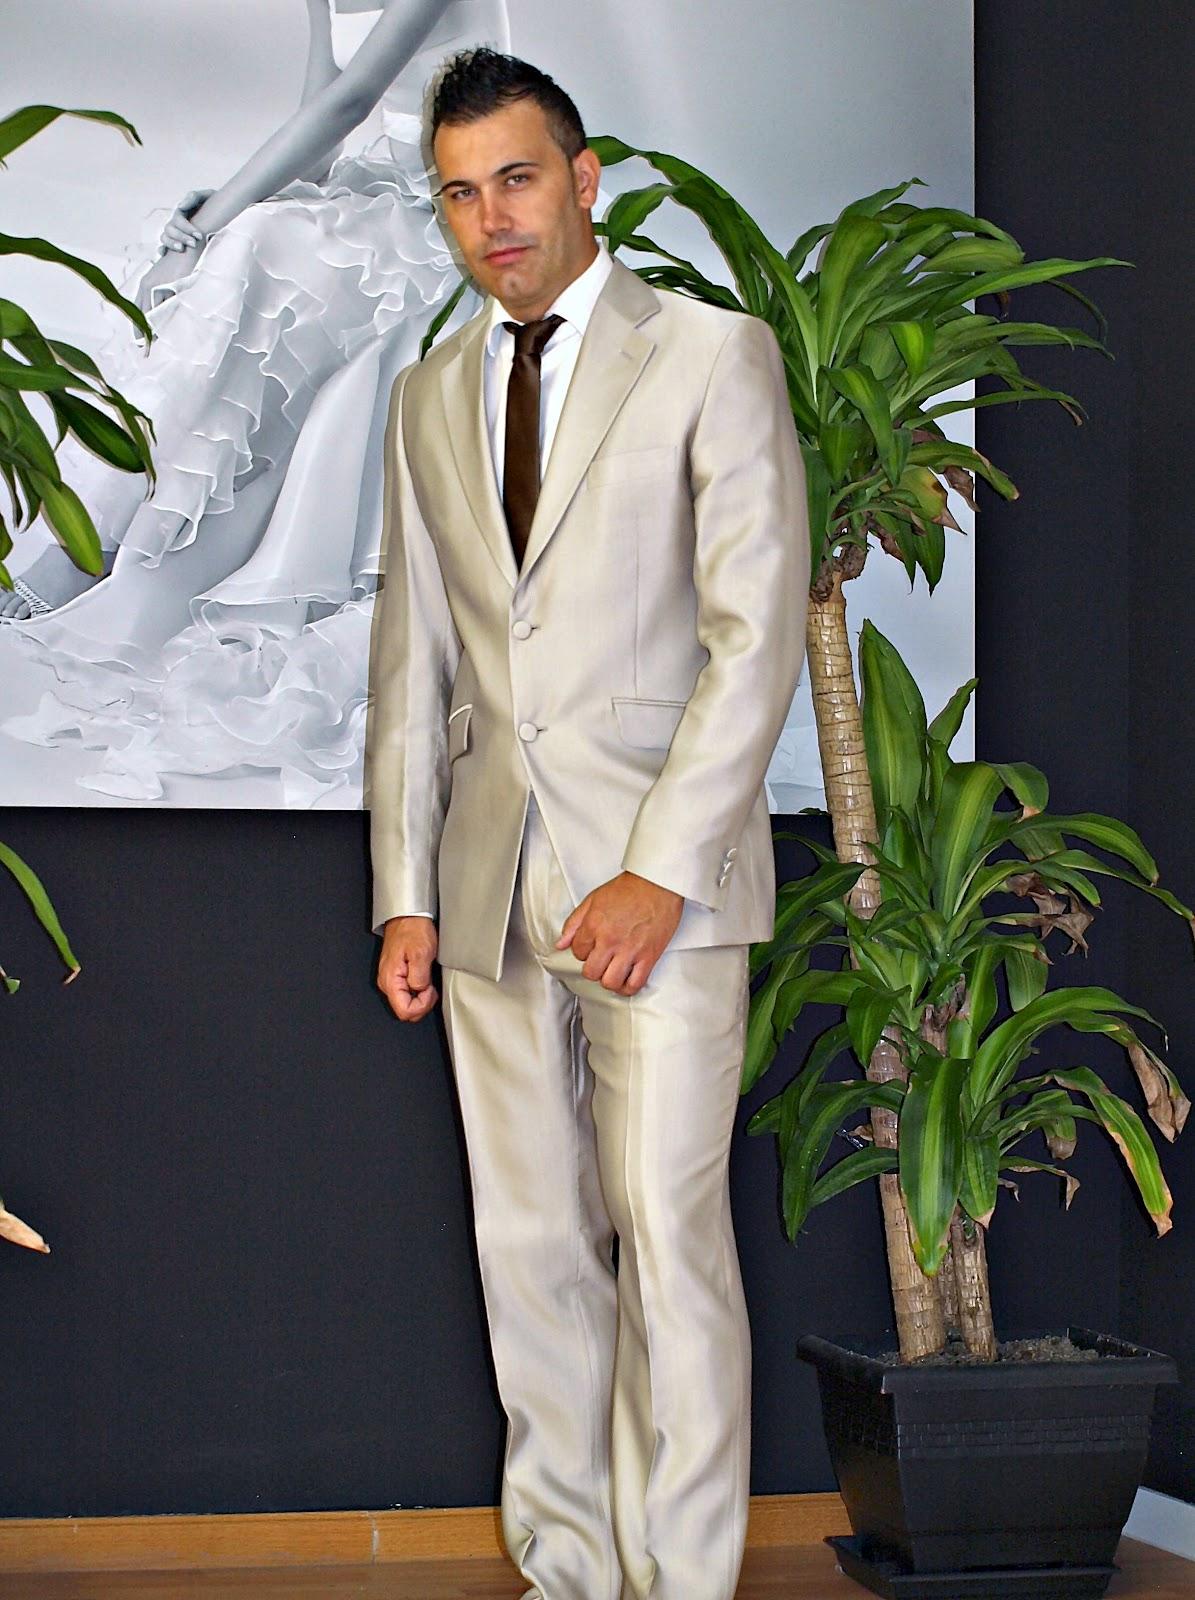 Trajes de novio baratos en valencia – Vestidos de noche con estilo 2018 c5358c33721